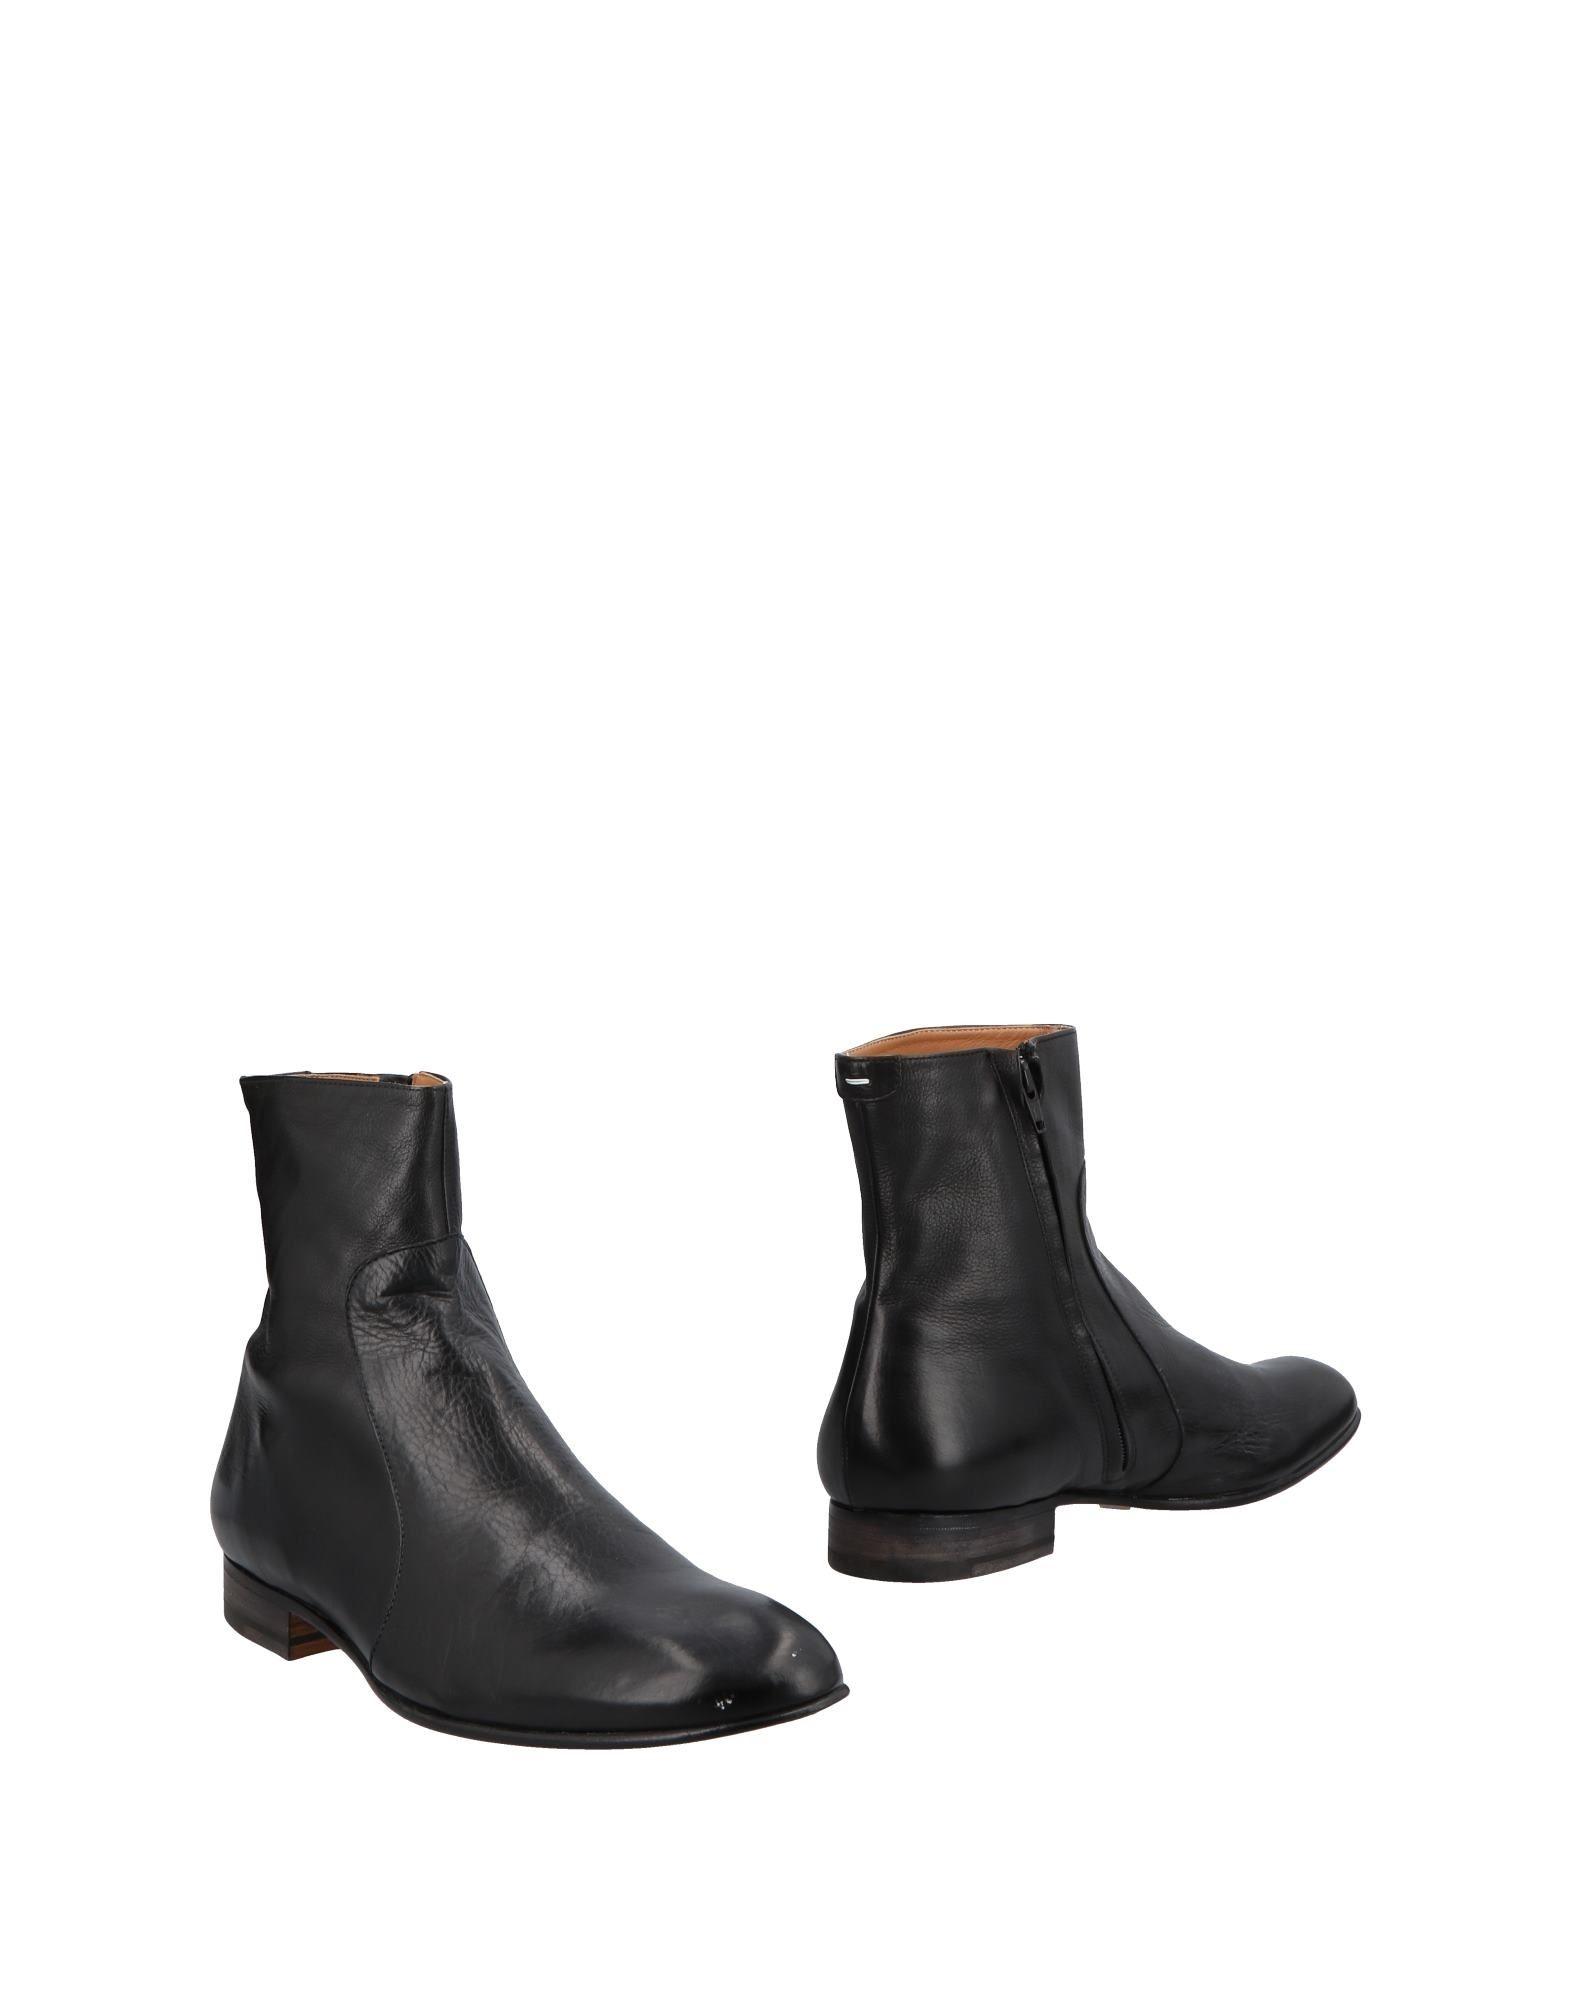 Maison Margiela Stiefelette Herren  11503329JB Gute Qualität beliebte Schuhe